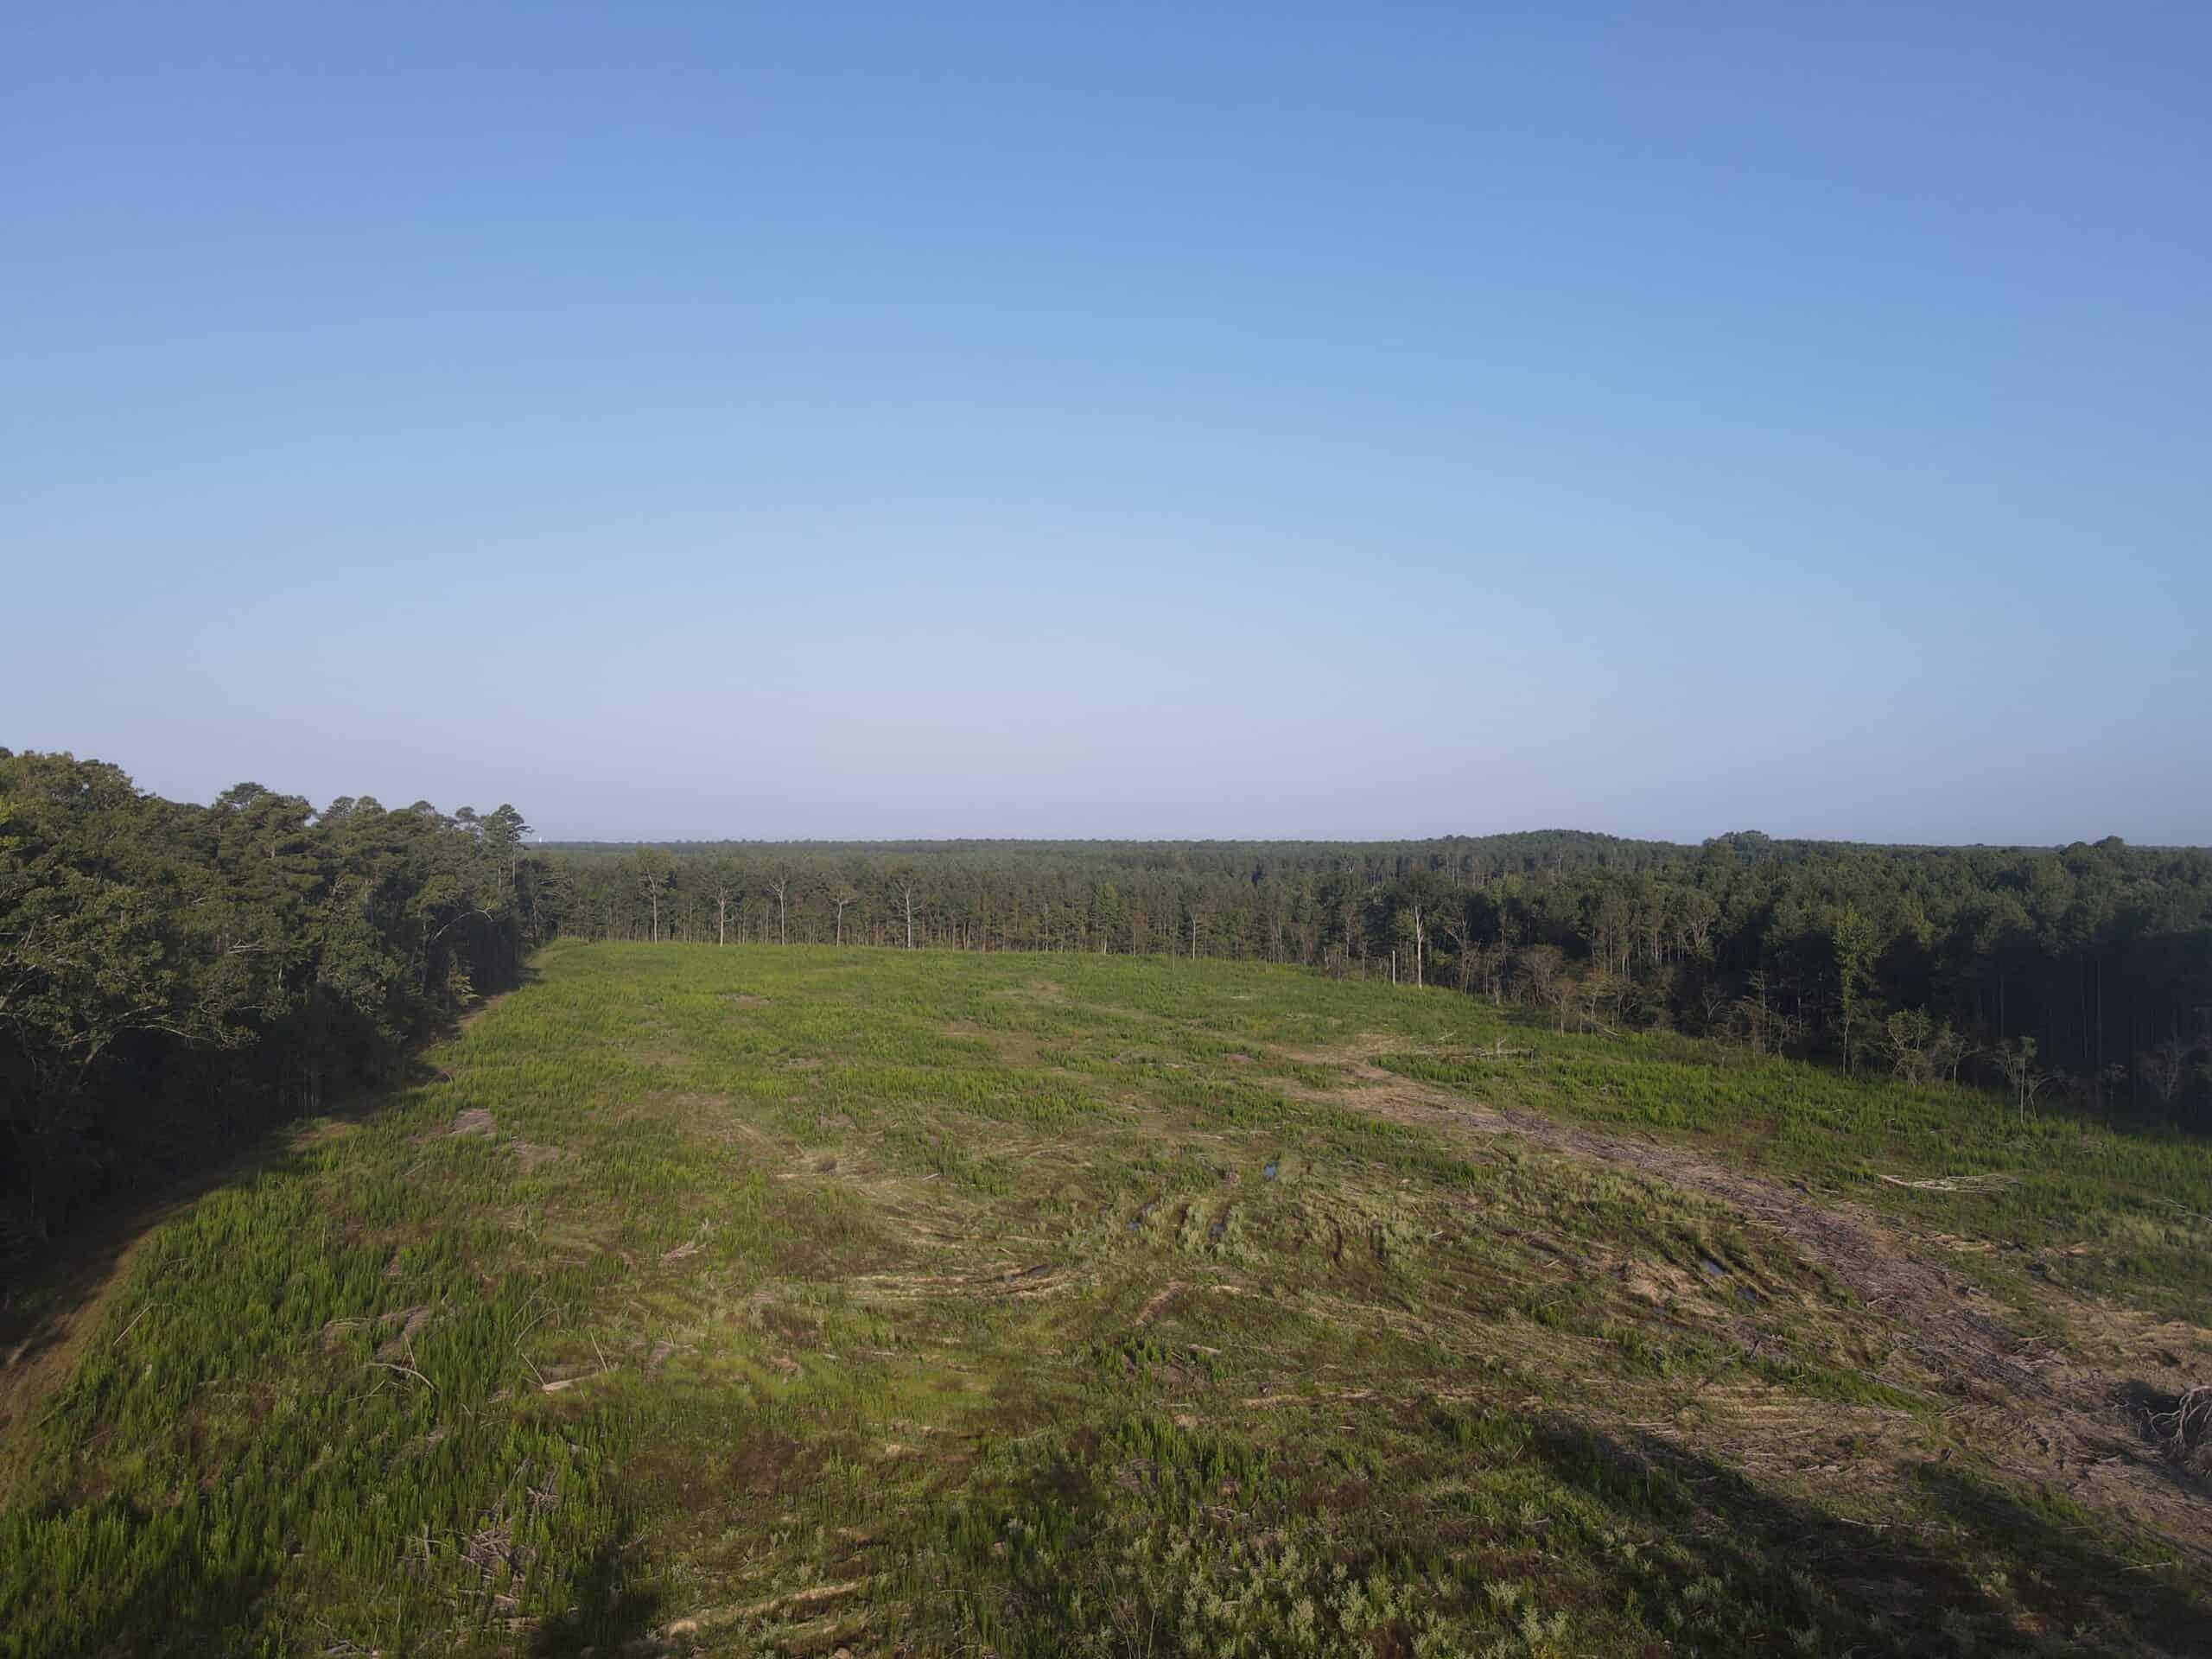 Timberlandfor sale near SheridanArkansas